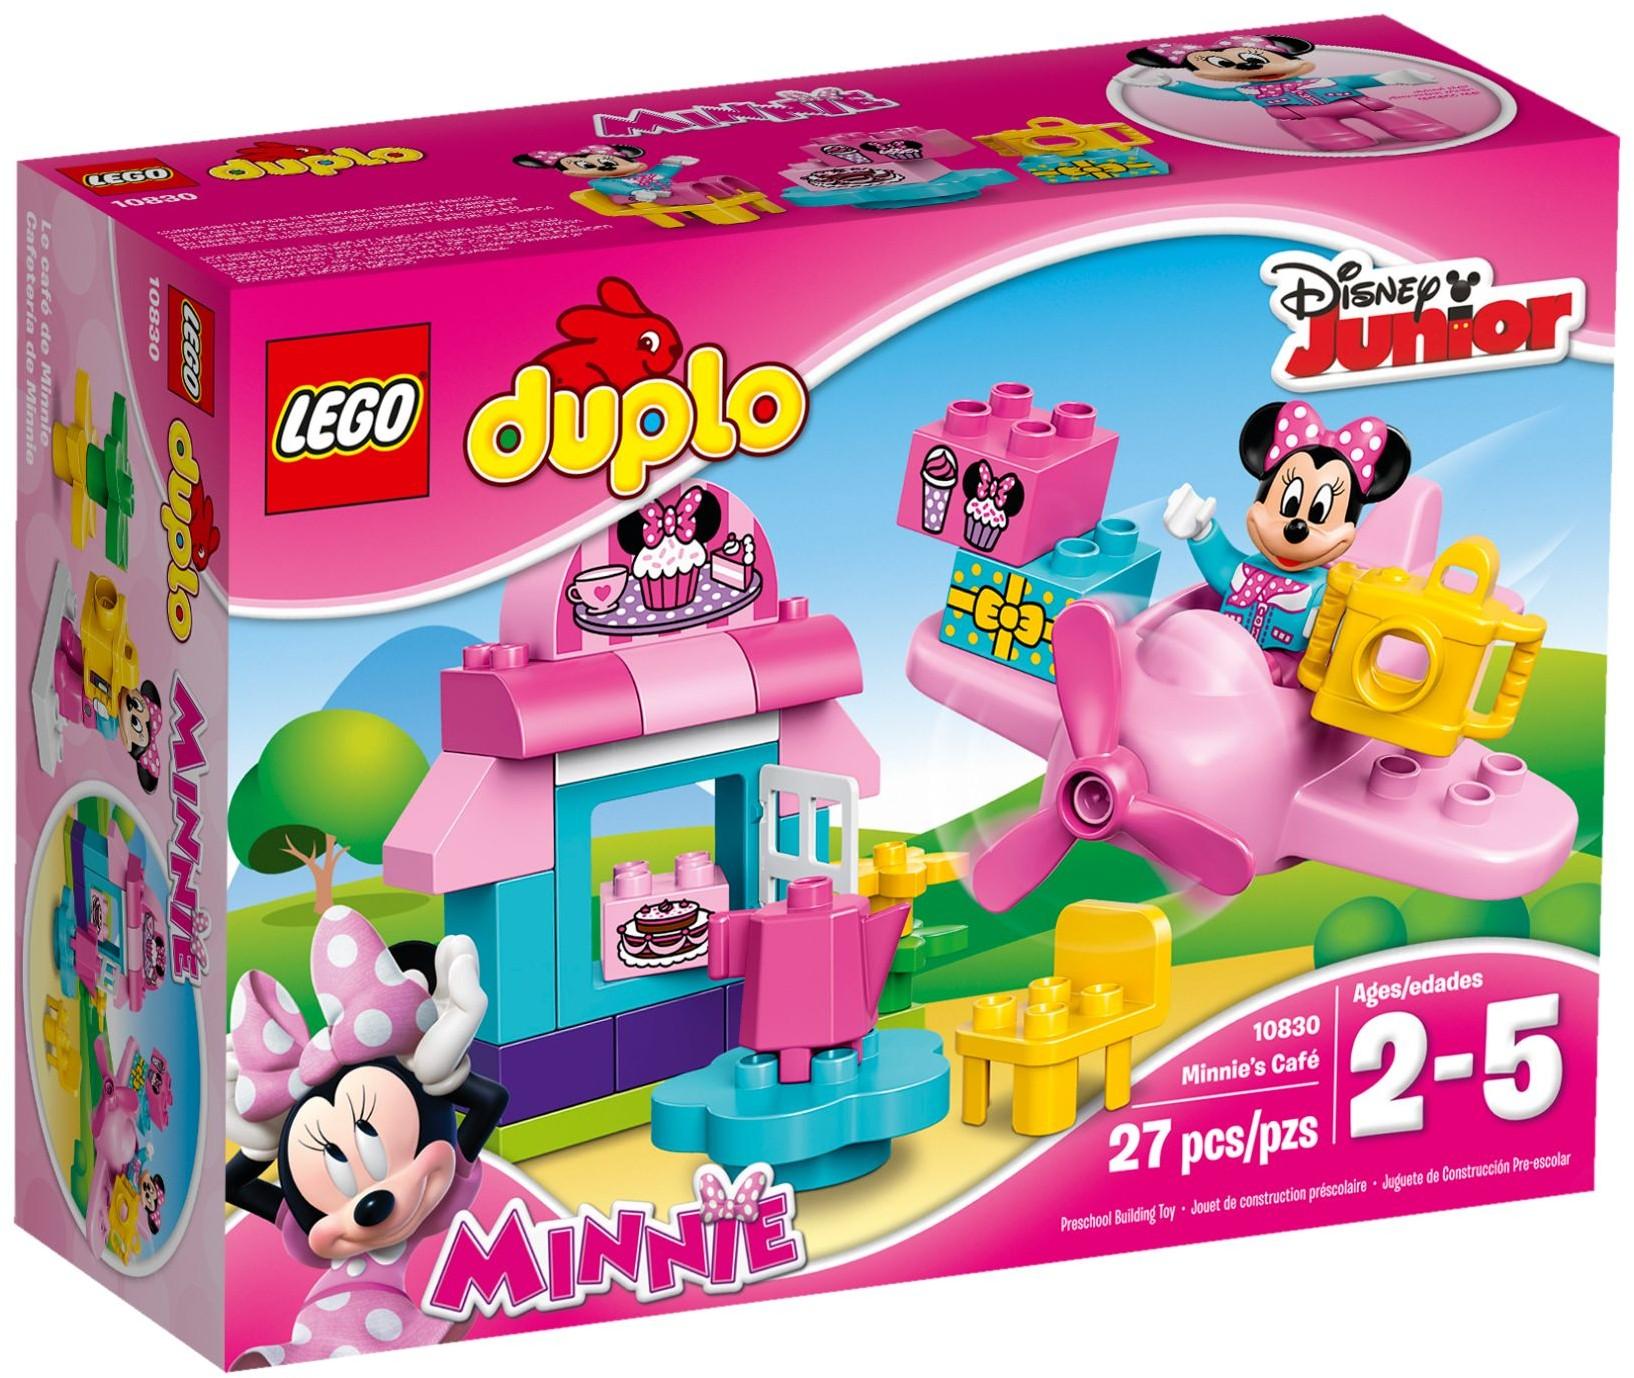 LEGO 10830 - Duplo - Minnie's Caf